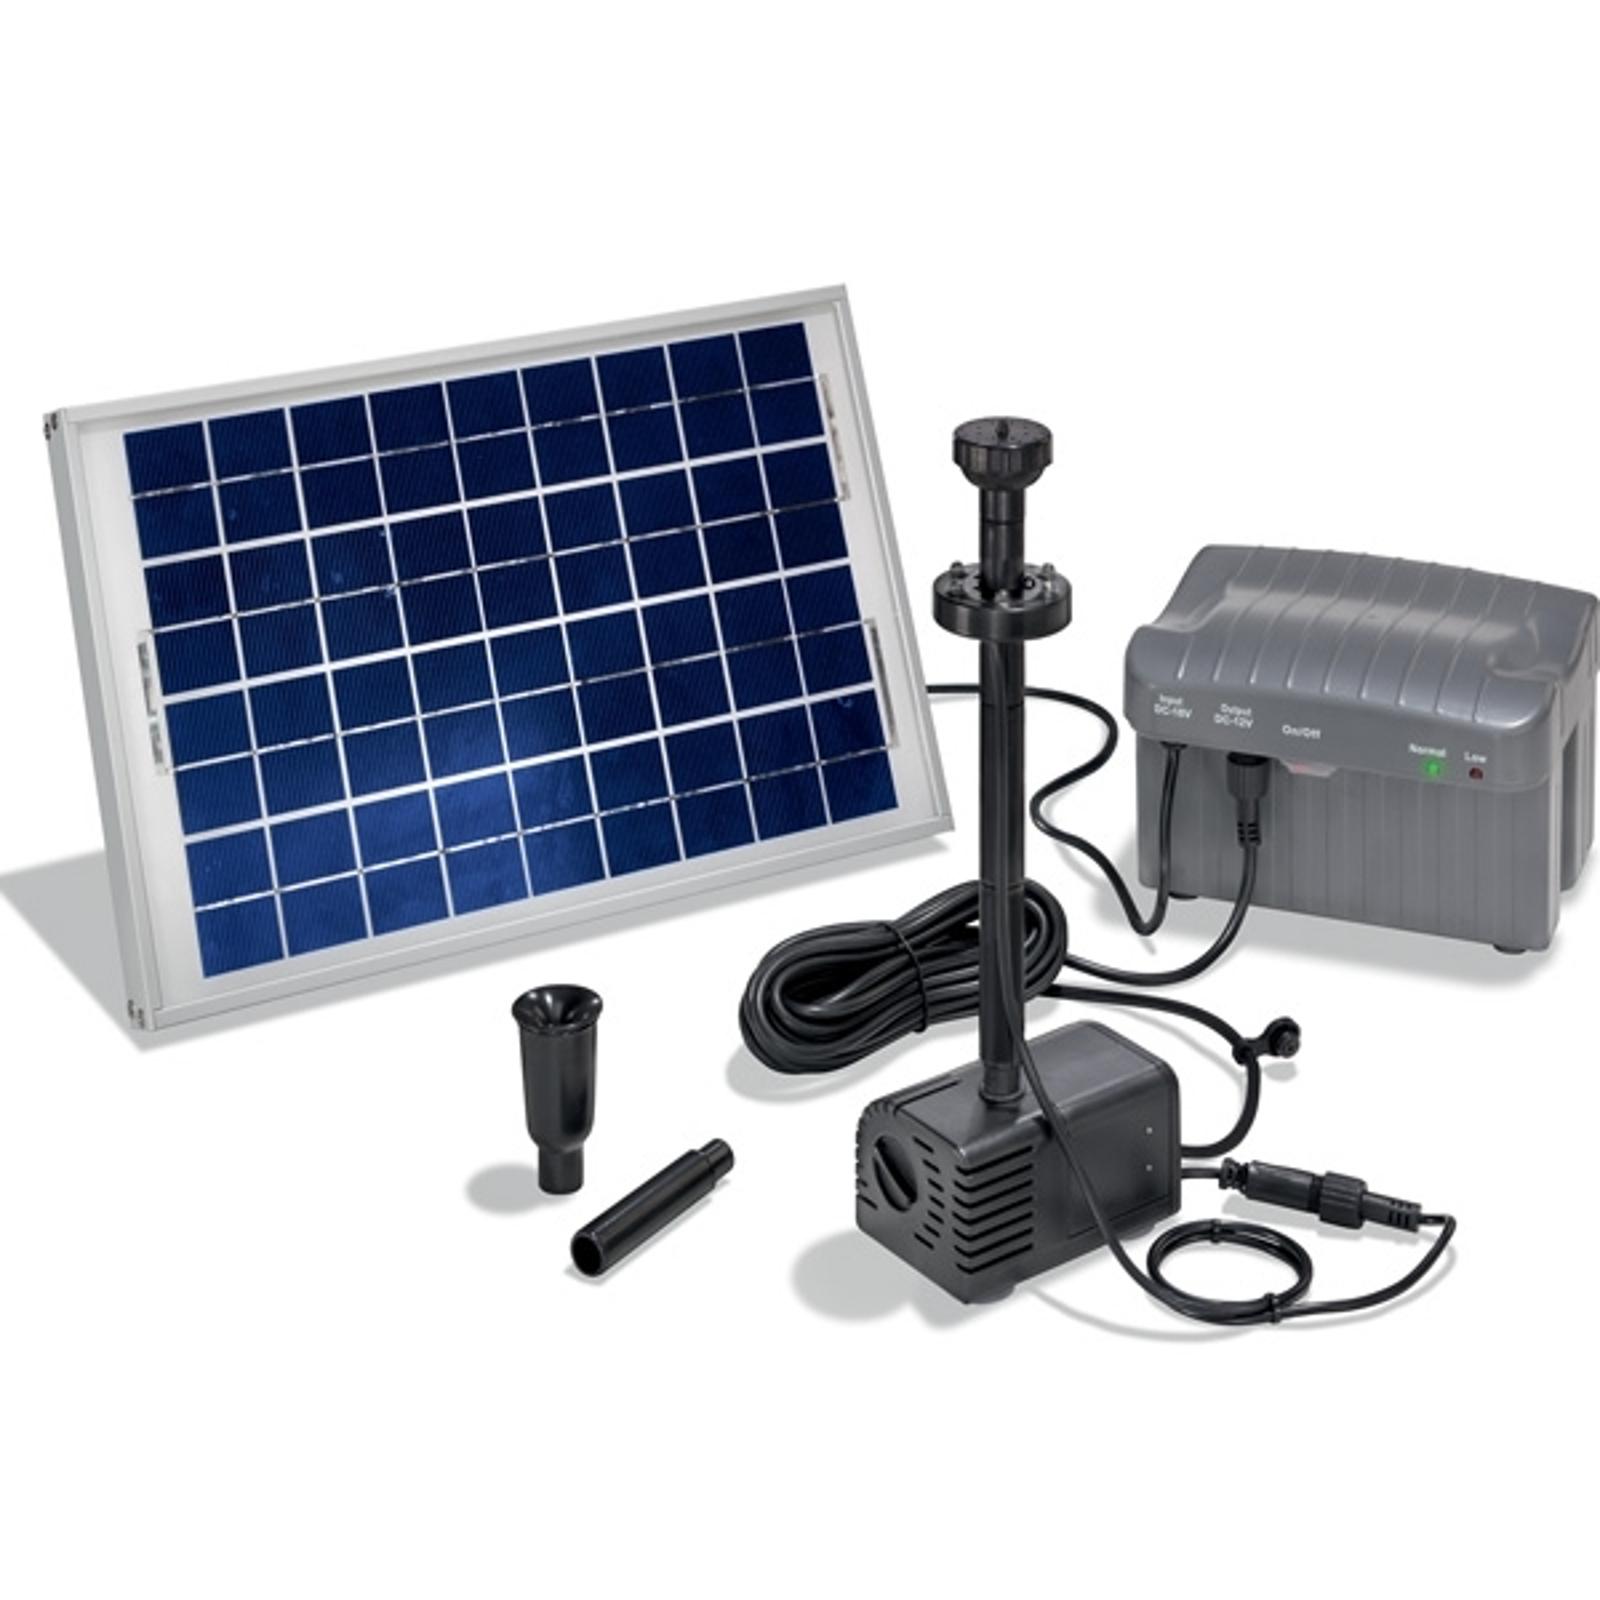 Pompsysteem Sienna met leds, op zonne-energie